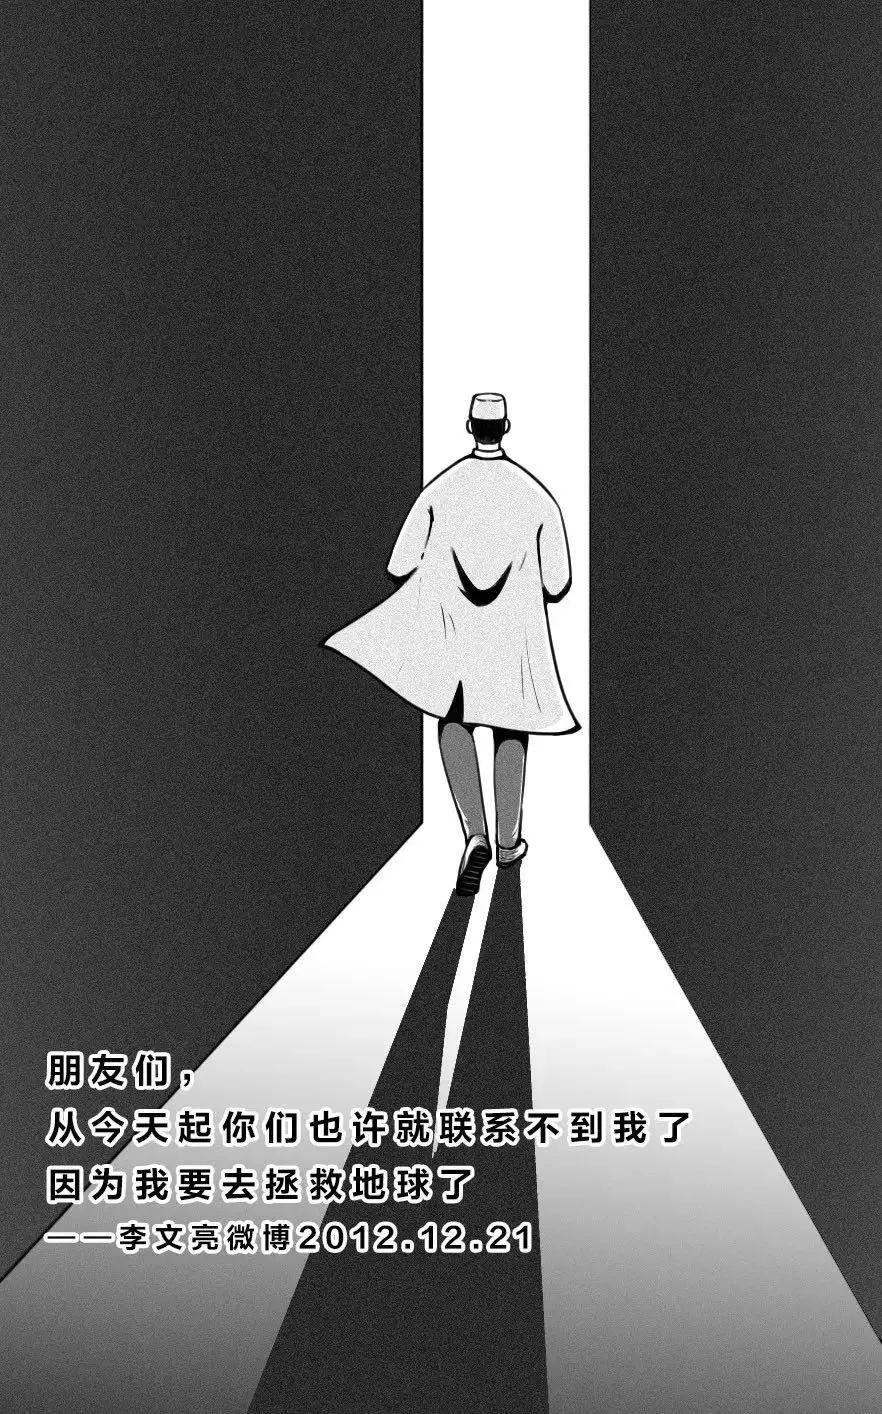 """抗""""疫""""英雄李文亮去世,「理论是灰色的,生命之树常青」"""